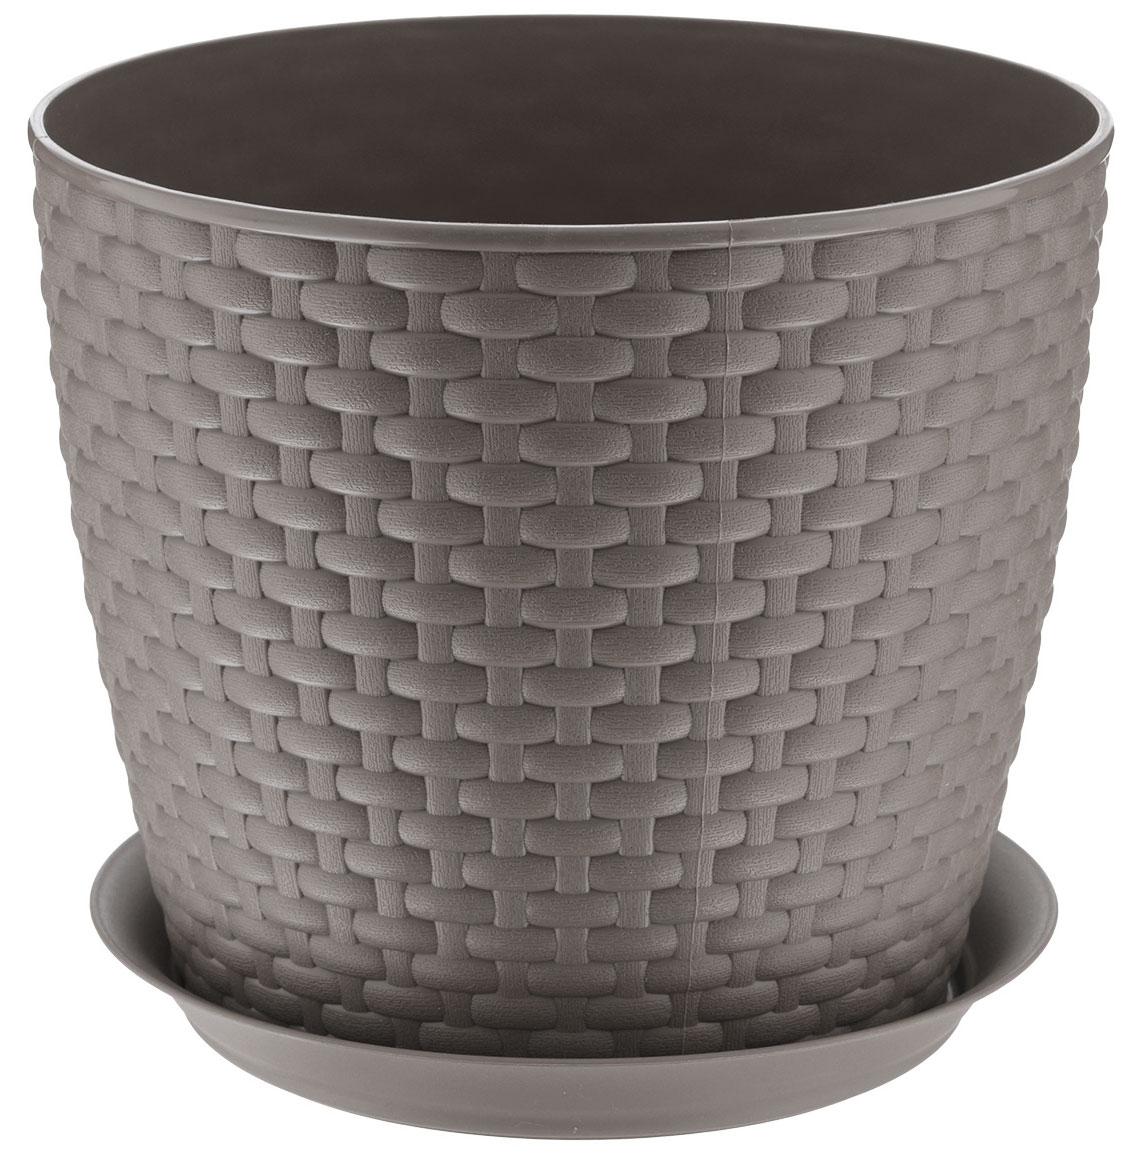 Кашпо Idea Ротанг, с поддоном, цвет: коричневый, 2 л1258521Кашпо Idea Ротанг изготовлено из высококачественного пластика. Специальный поддон предназначен для стока воды. Изделие прекрасно подходит для выращивания растений и цветов в домашних условиях. Лаконичный дизайн впишется в интерьер любого помещения. Диаметр поддона: 15,5 см. Объем кашпо: 2 л.Диаметр кашпо по верхнему краю: 15,5 см.Высота кашпо: 13,5 см.